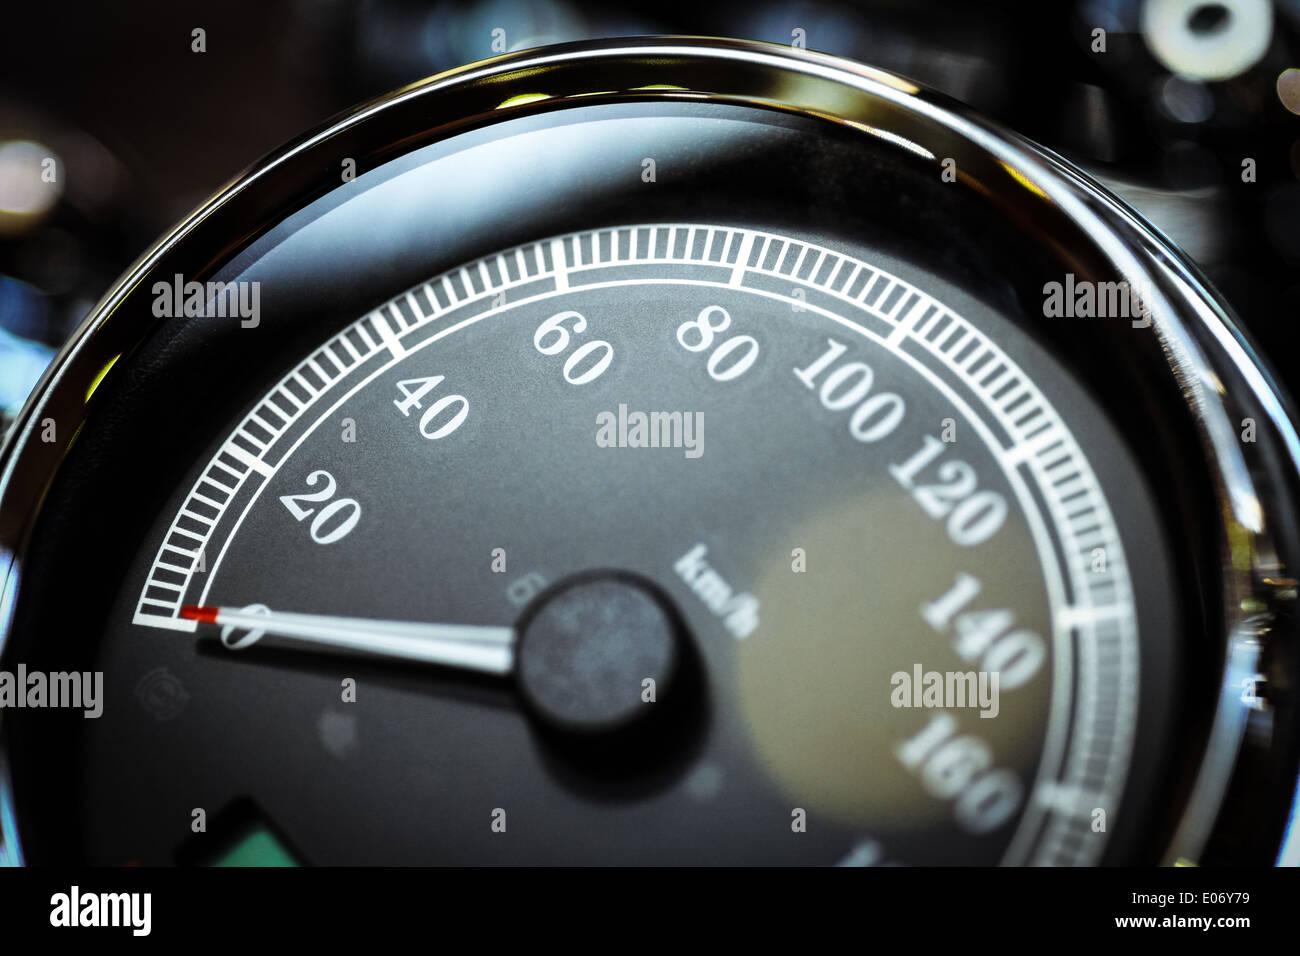 Dettaglio di un tachimetro di un motociclo. Immagini Stock